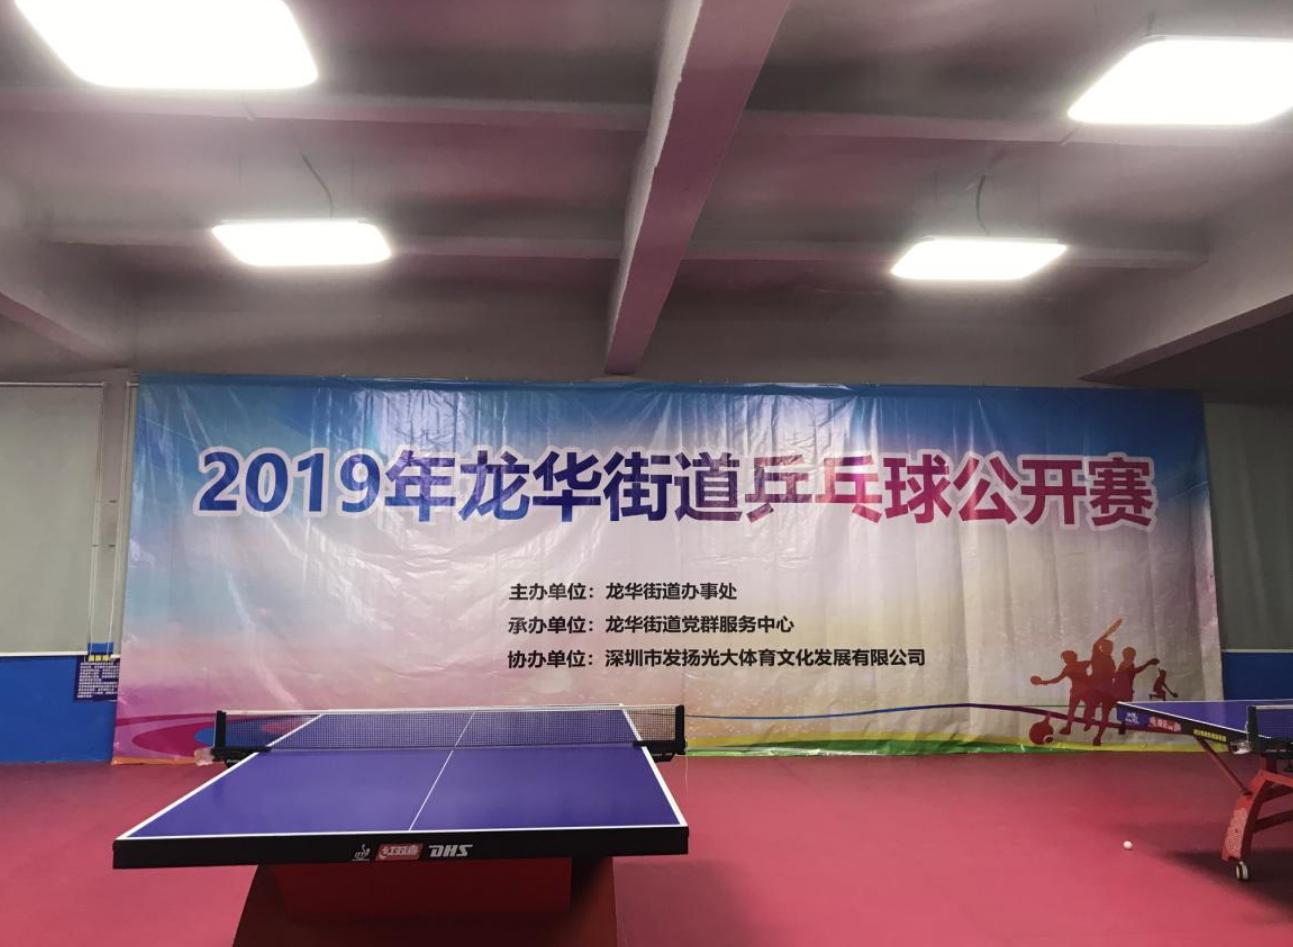 深圳市威视智能科技有限公司参加2019年龙华街道乒乓球公开赛